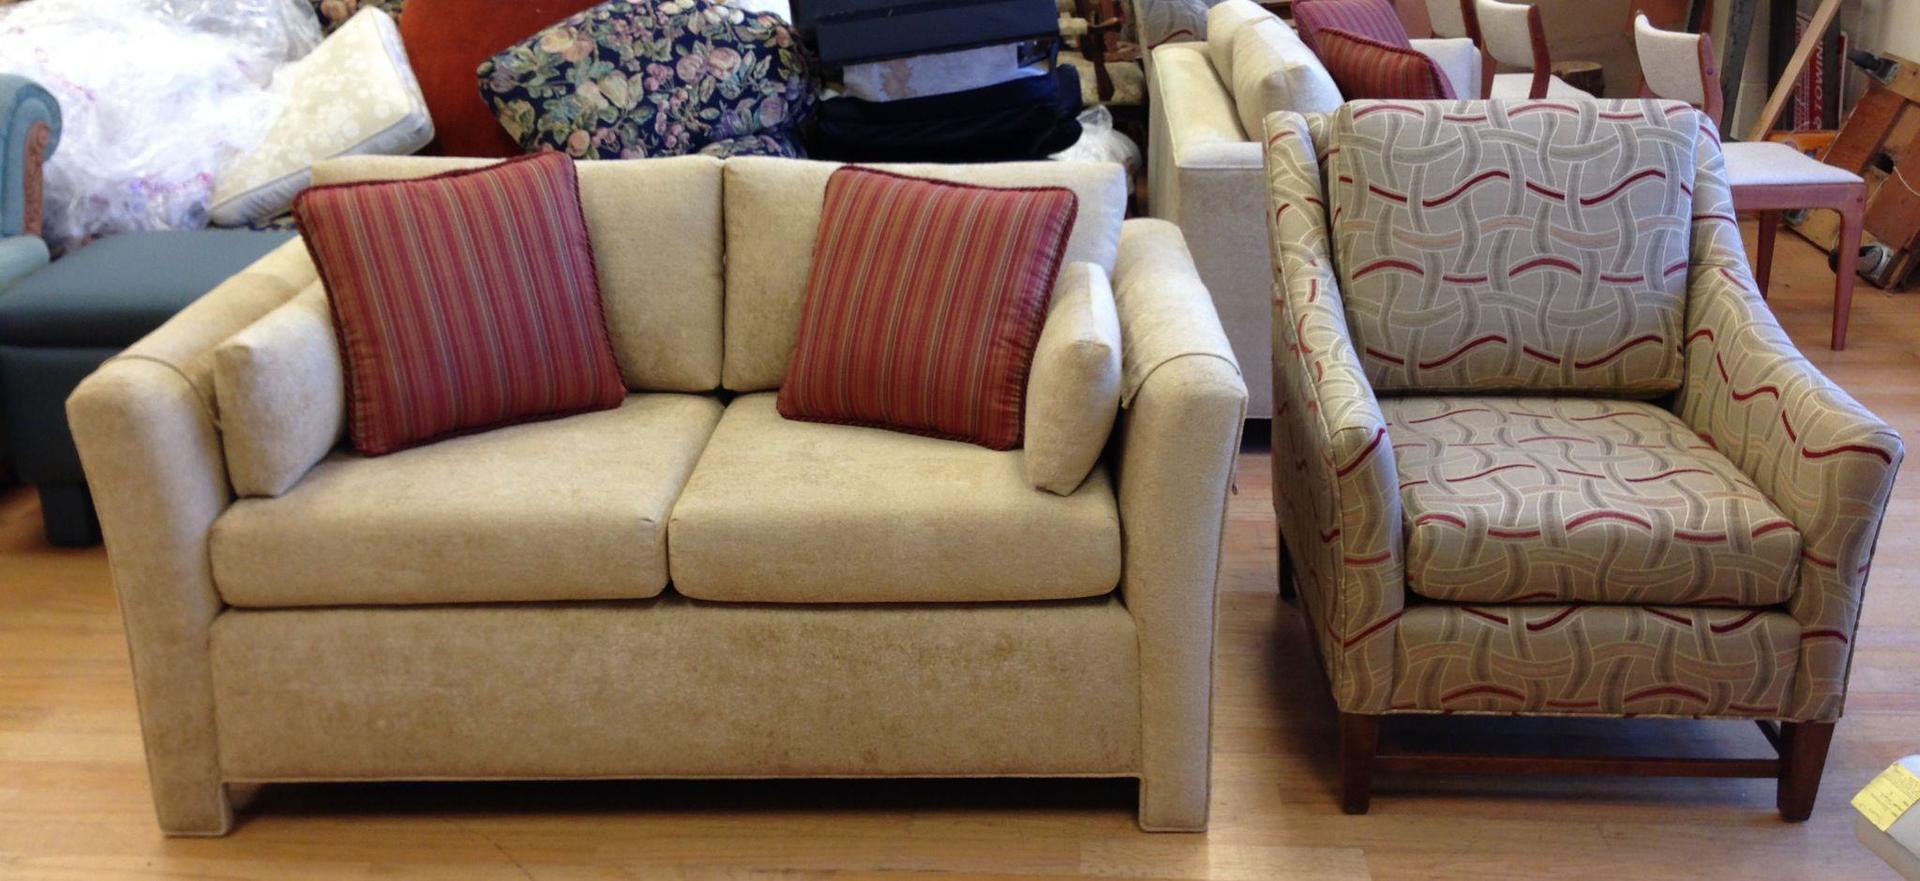 Durobilt Upholstery image 4